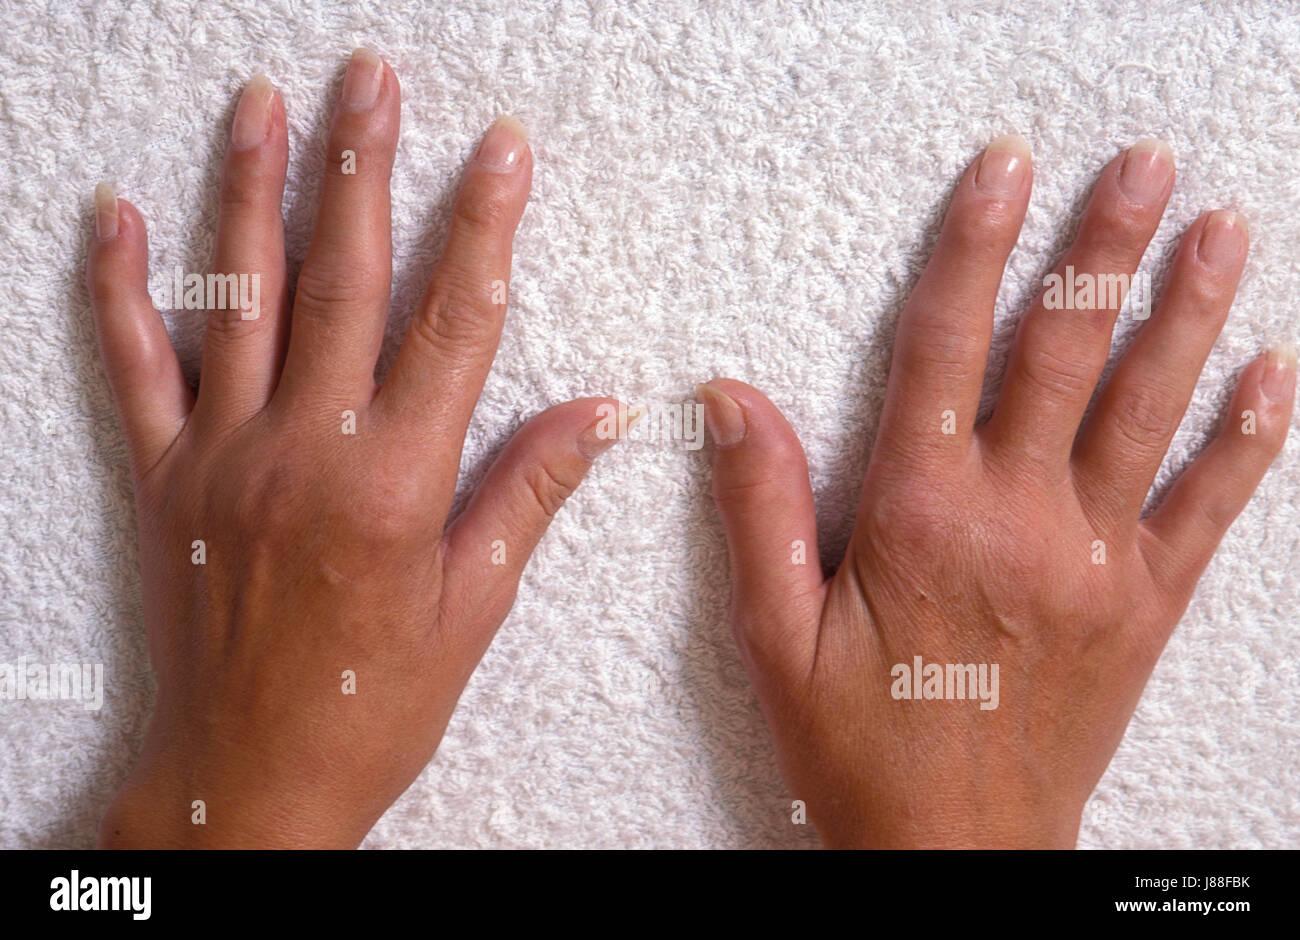 Erwachsene weibliche Hände mit rheumatoider arthritis Stockbild